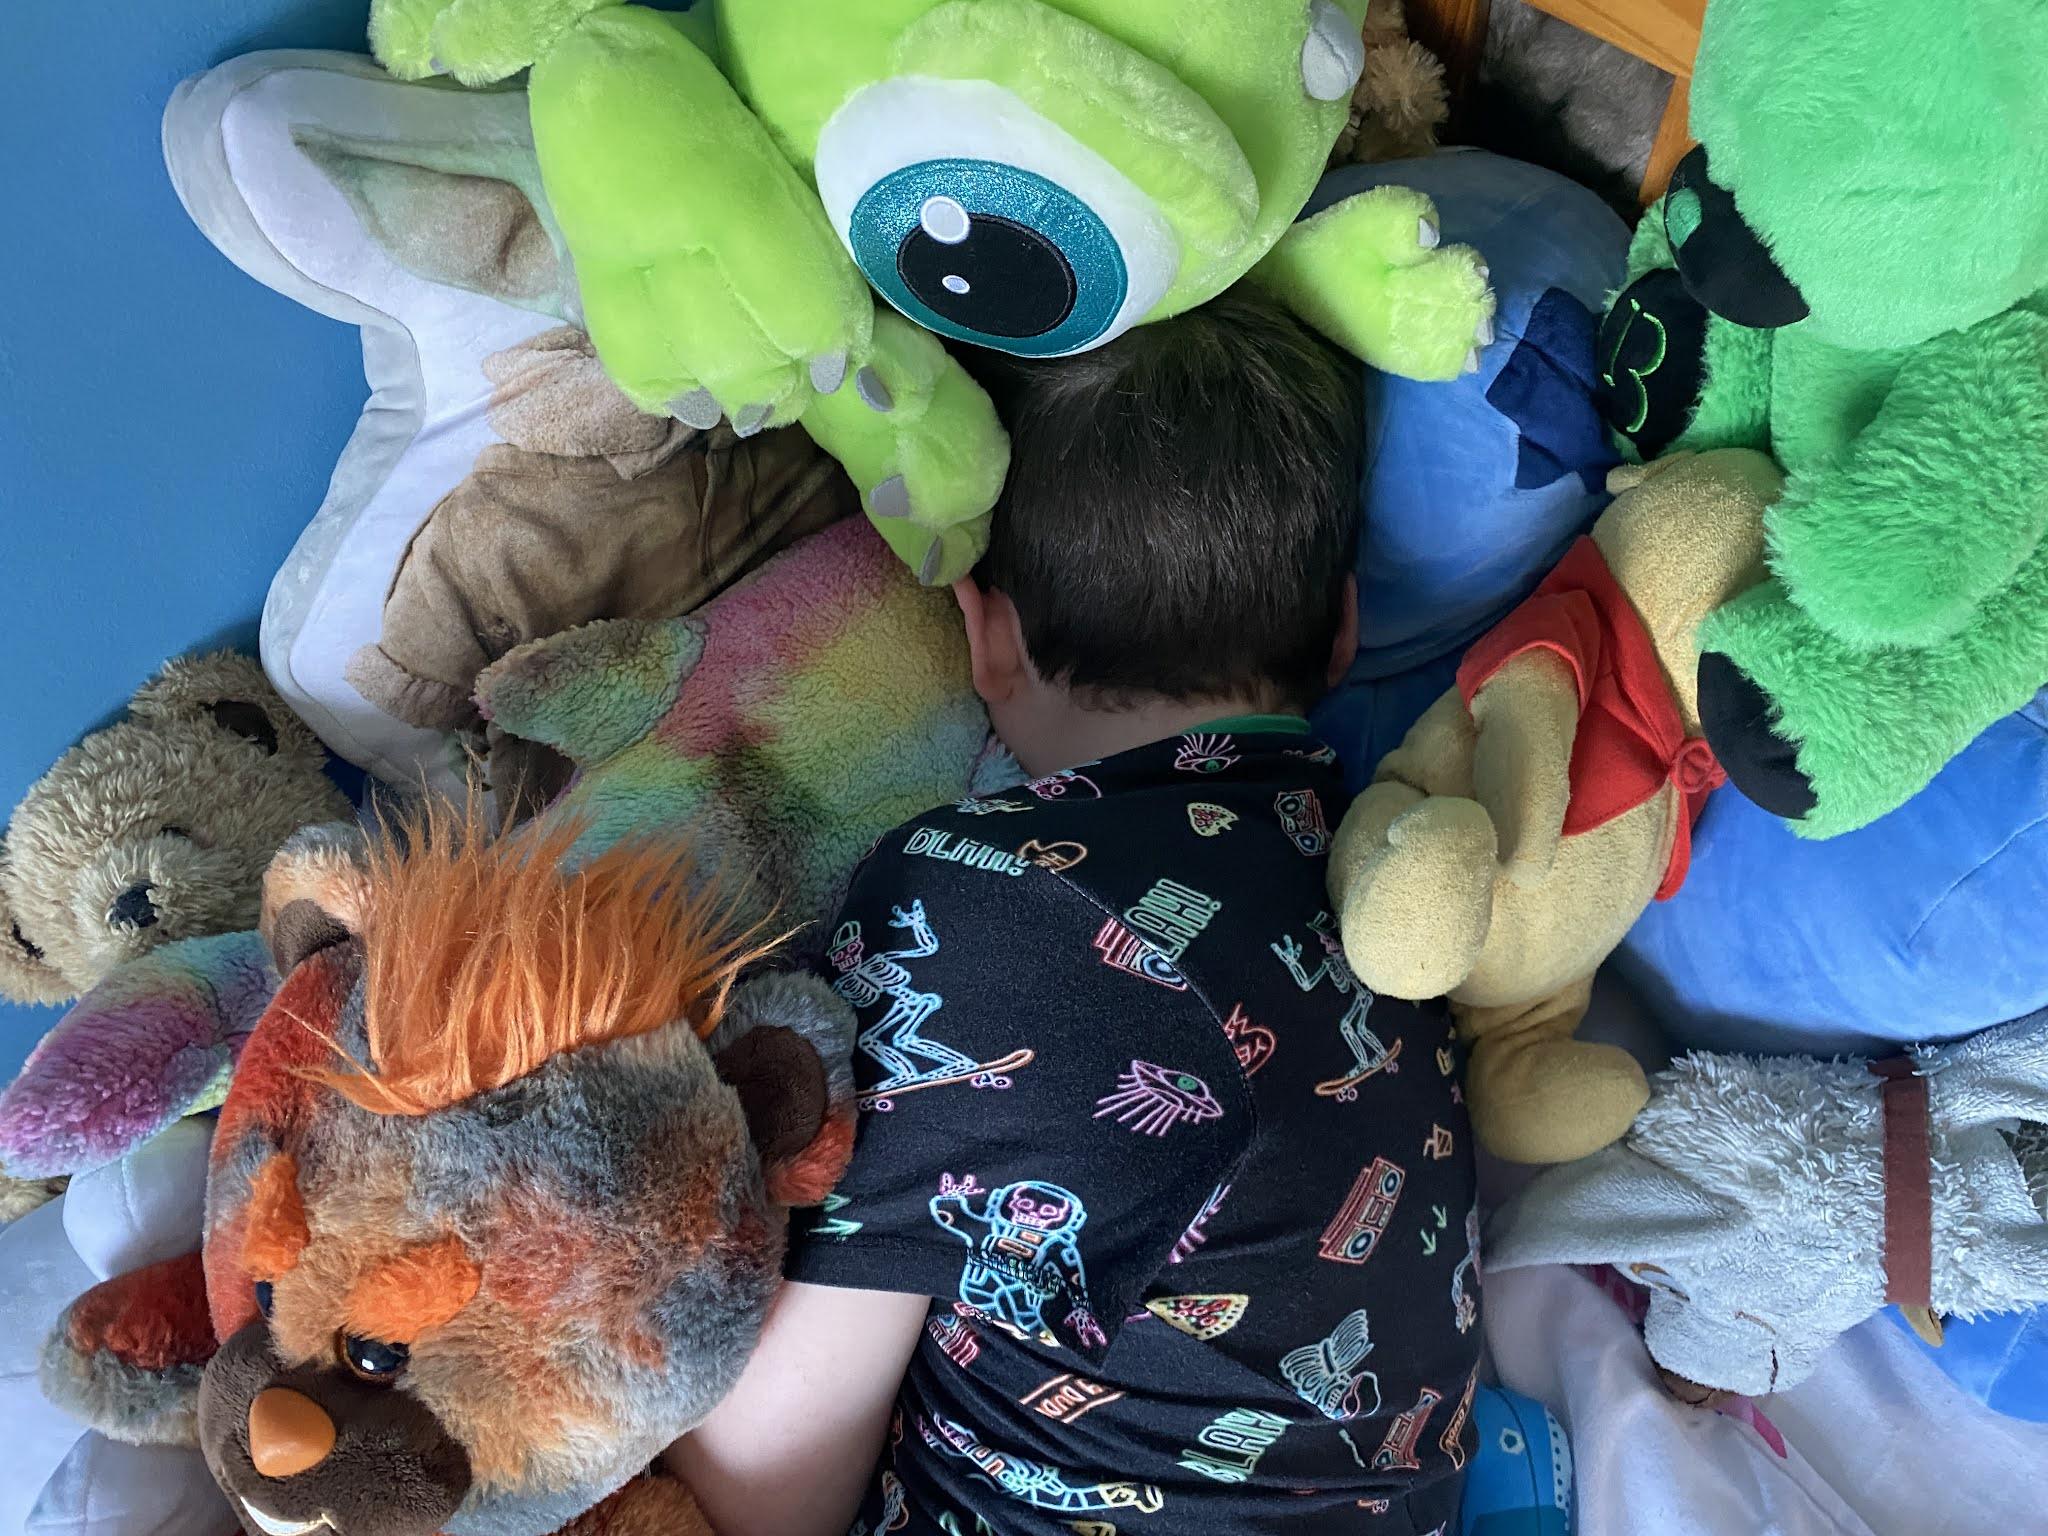 boy buried by teddies